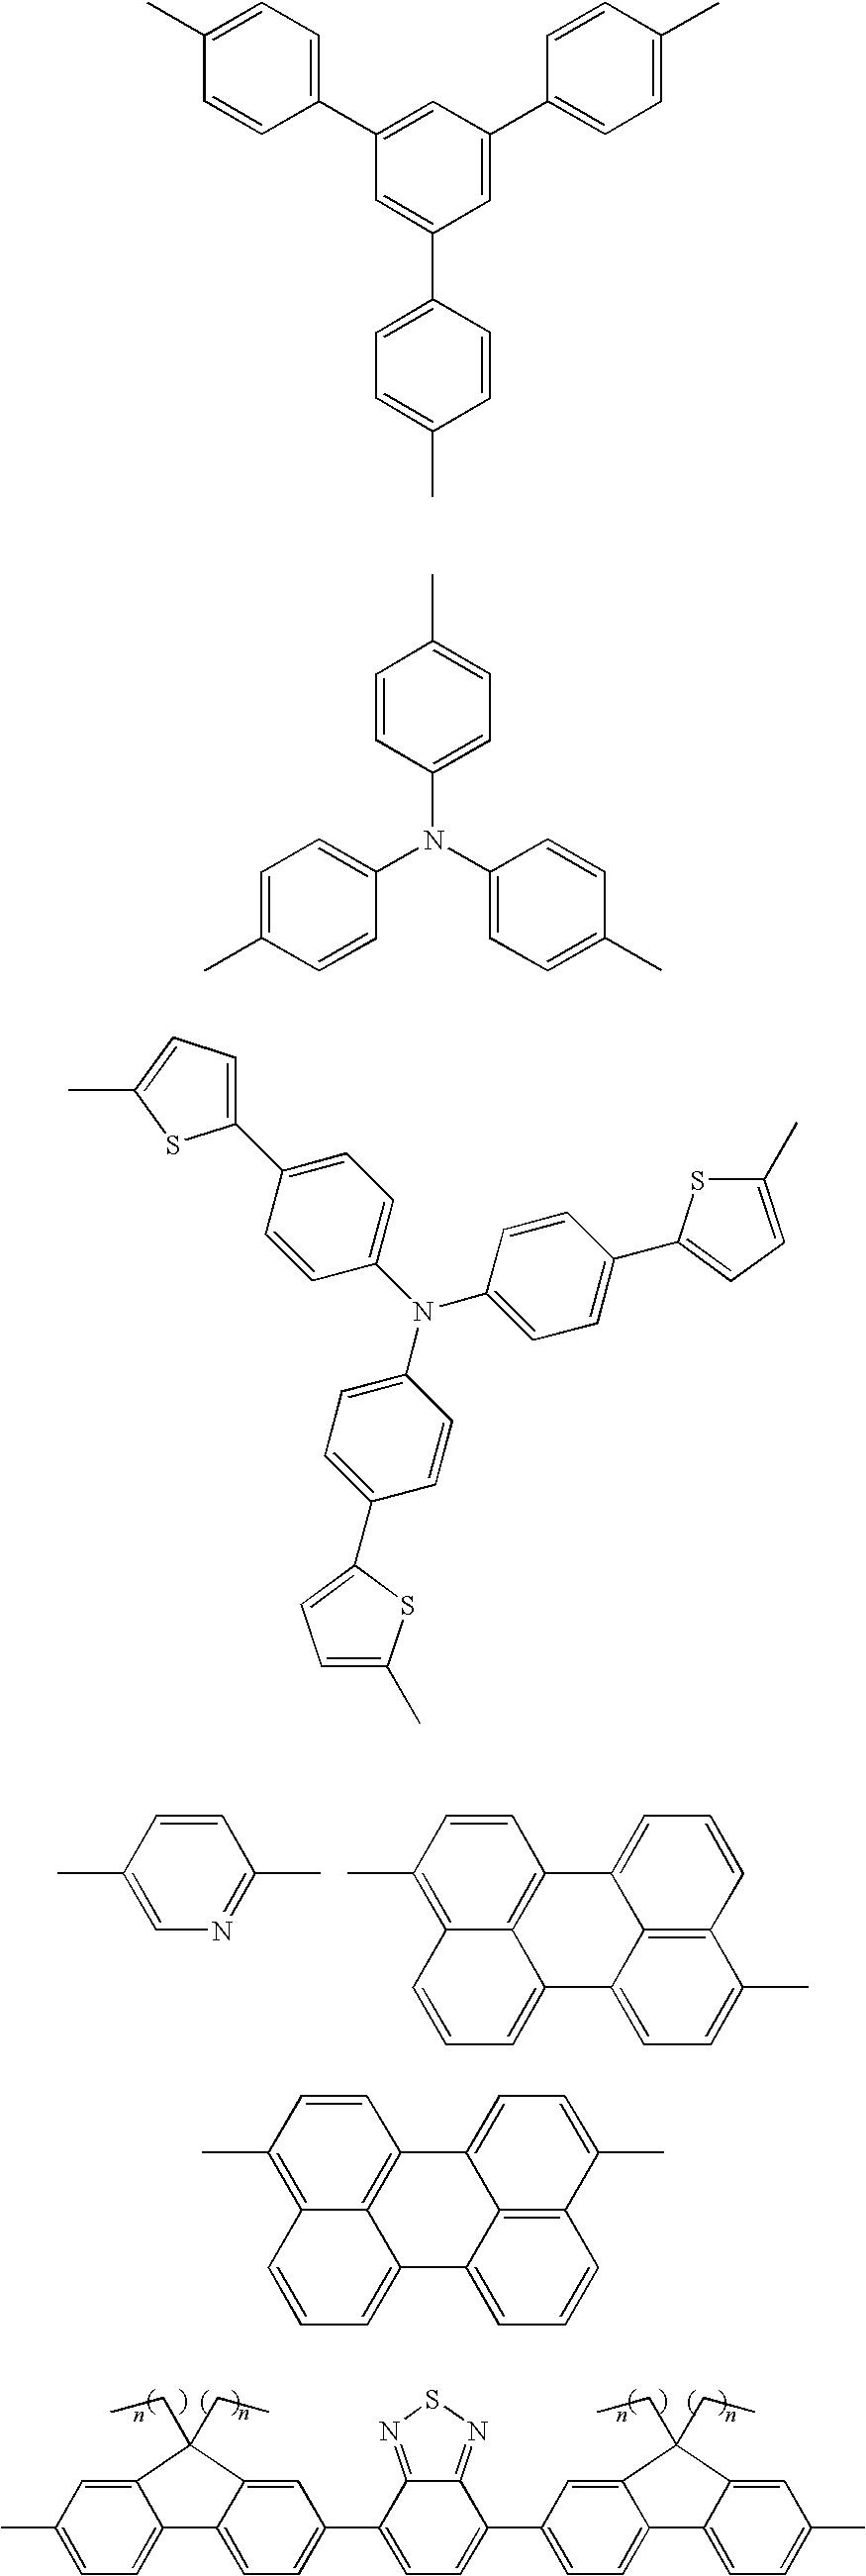 Figure US07906724-20110315-C00005